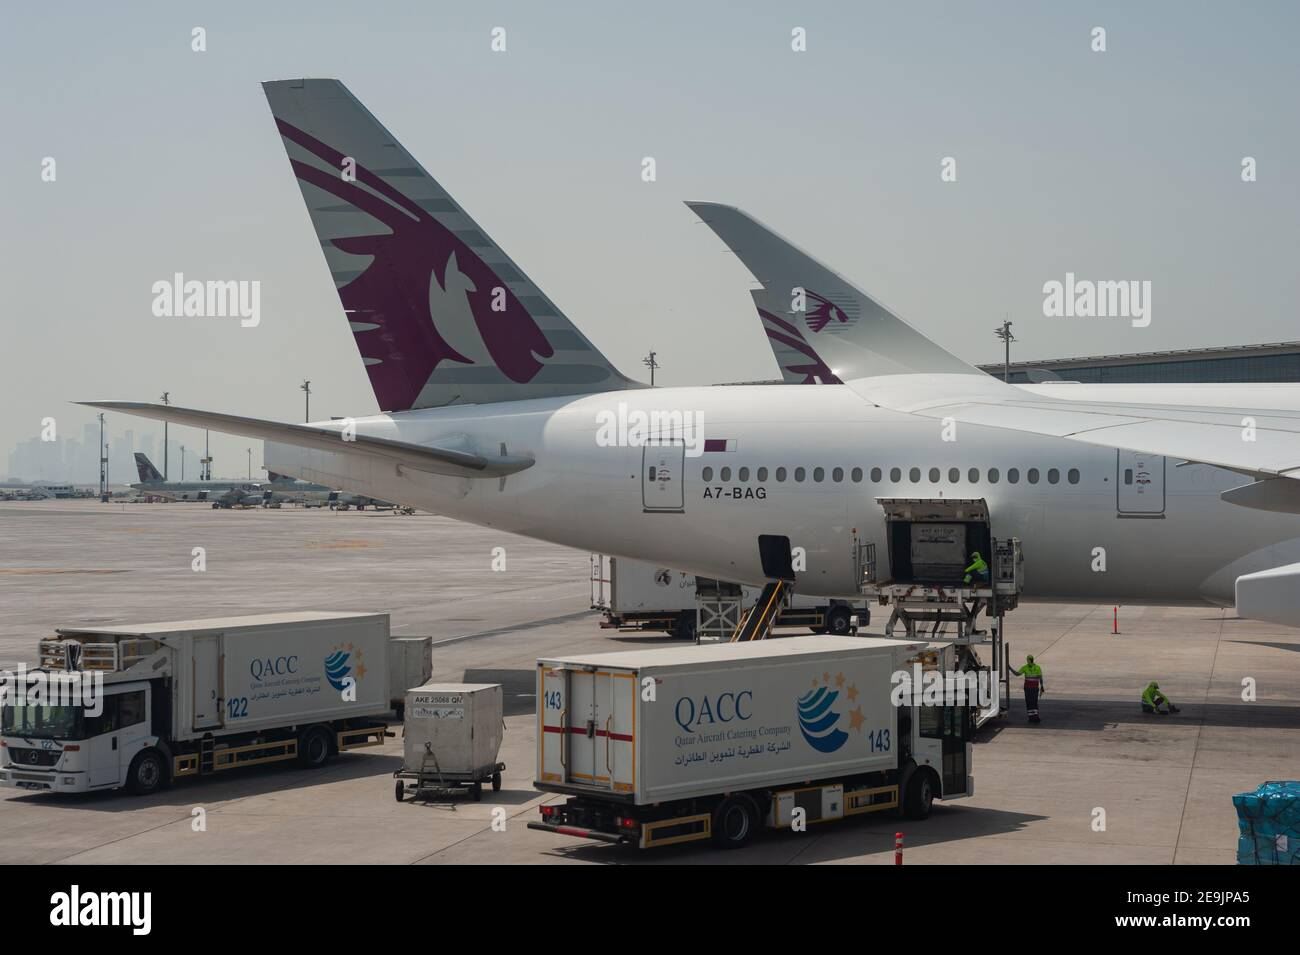 05.06.2019, Doha, Qatar, Asie - Qatar Airways avions passagers à l'aéroport international de Hamad. Qatar Airways est membre de l'alliance one World. Banque D'Images